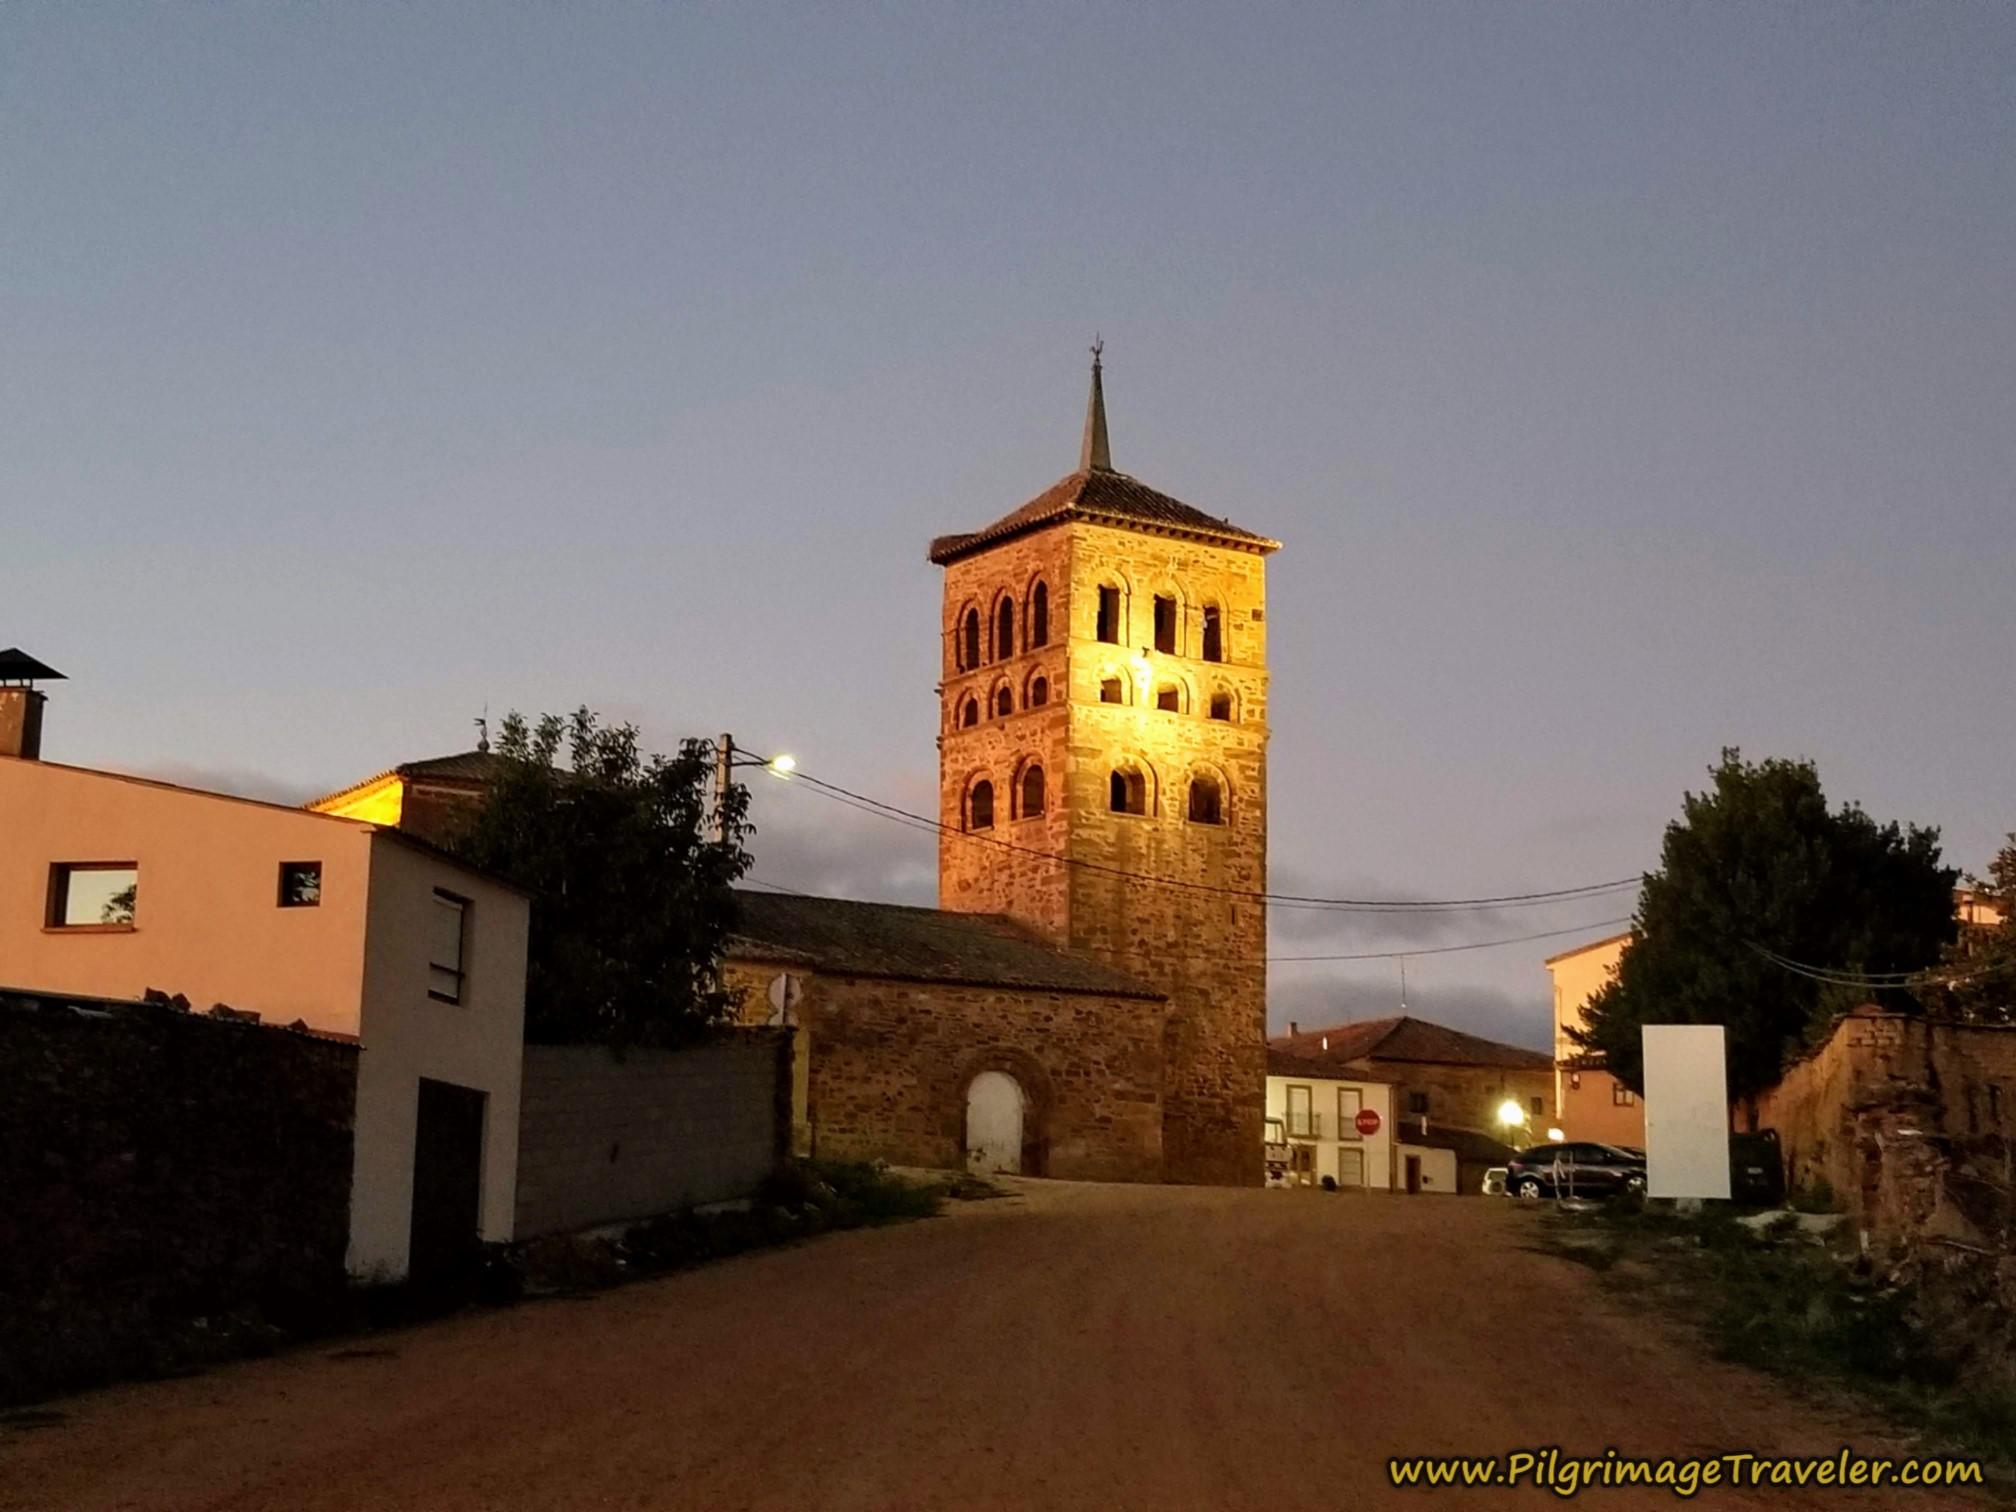 Iglesia de Santa María de Tábara in pre-dawn light.